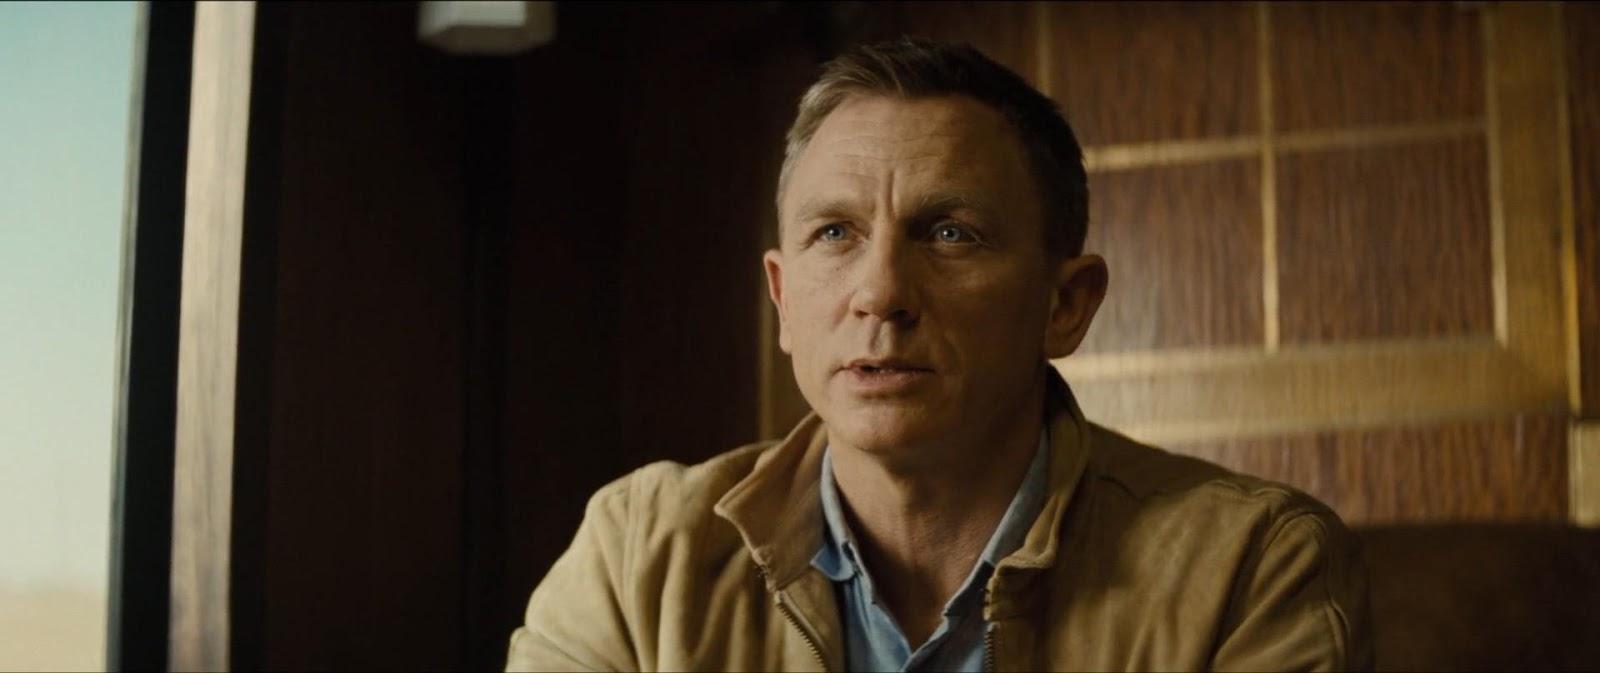 007: Spectre (2015) 4